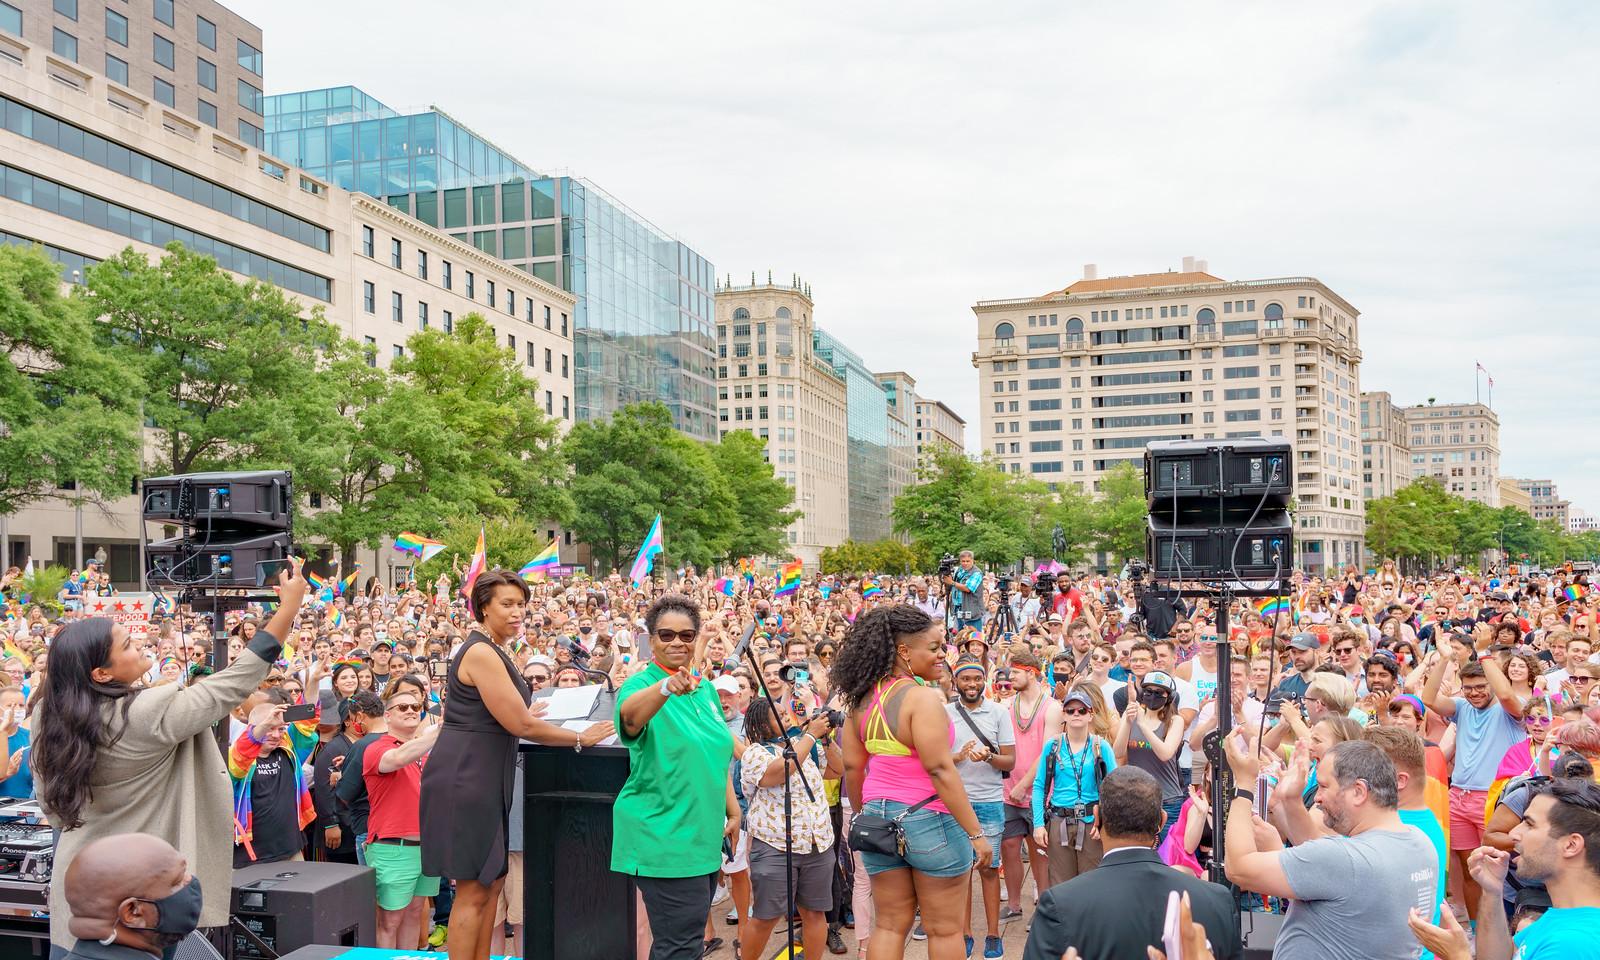 2021.06.12 Capital Pride Walk and Rally and Pridemobile Parade, Washington, DC USA 163 345211